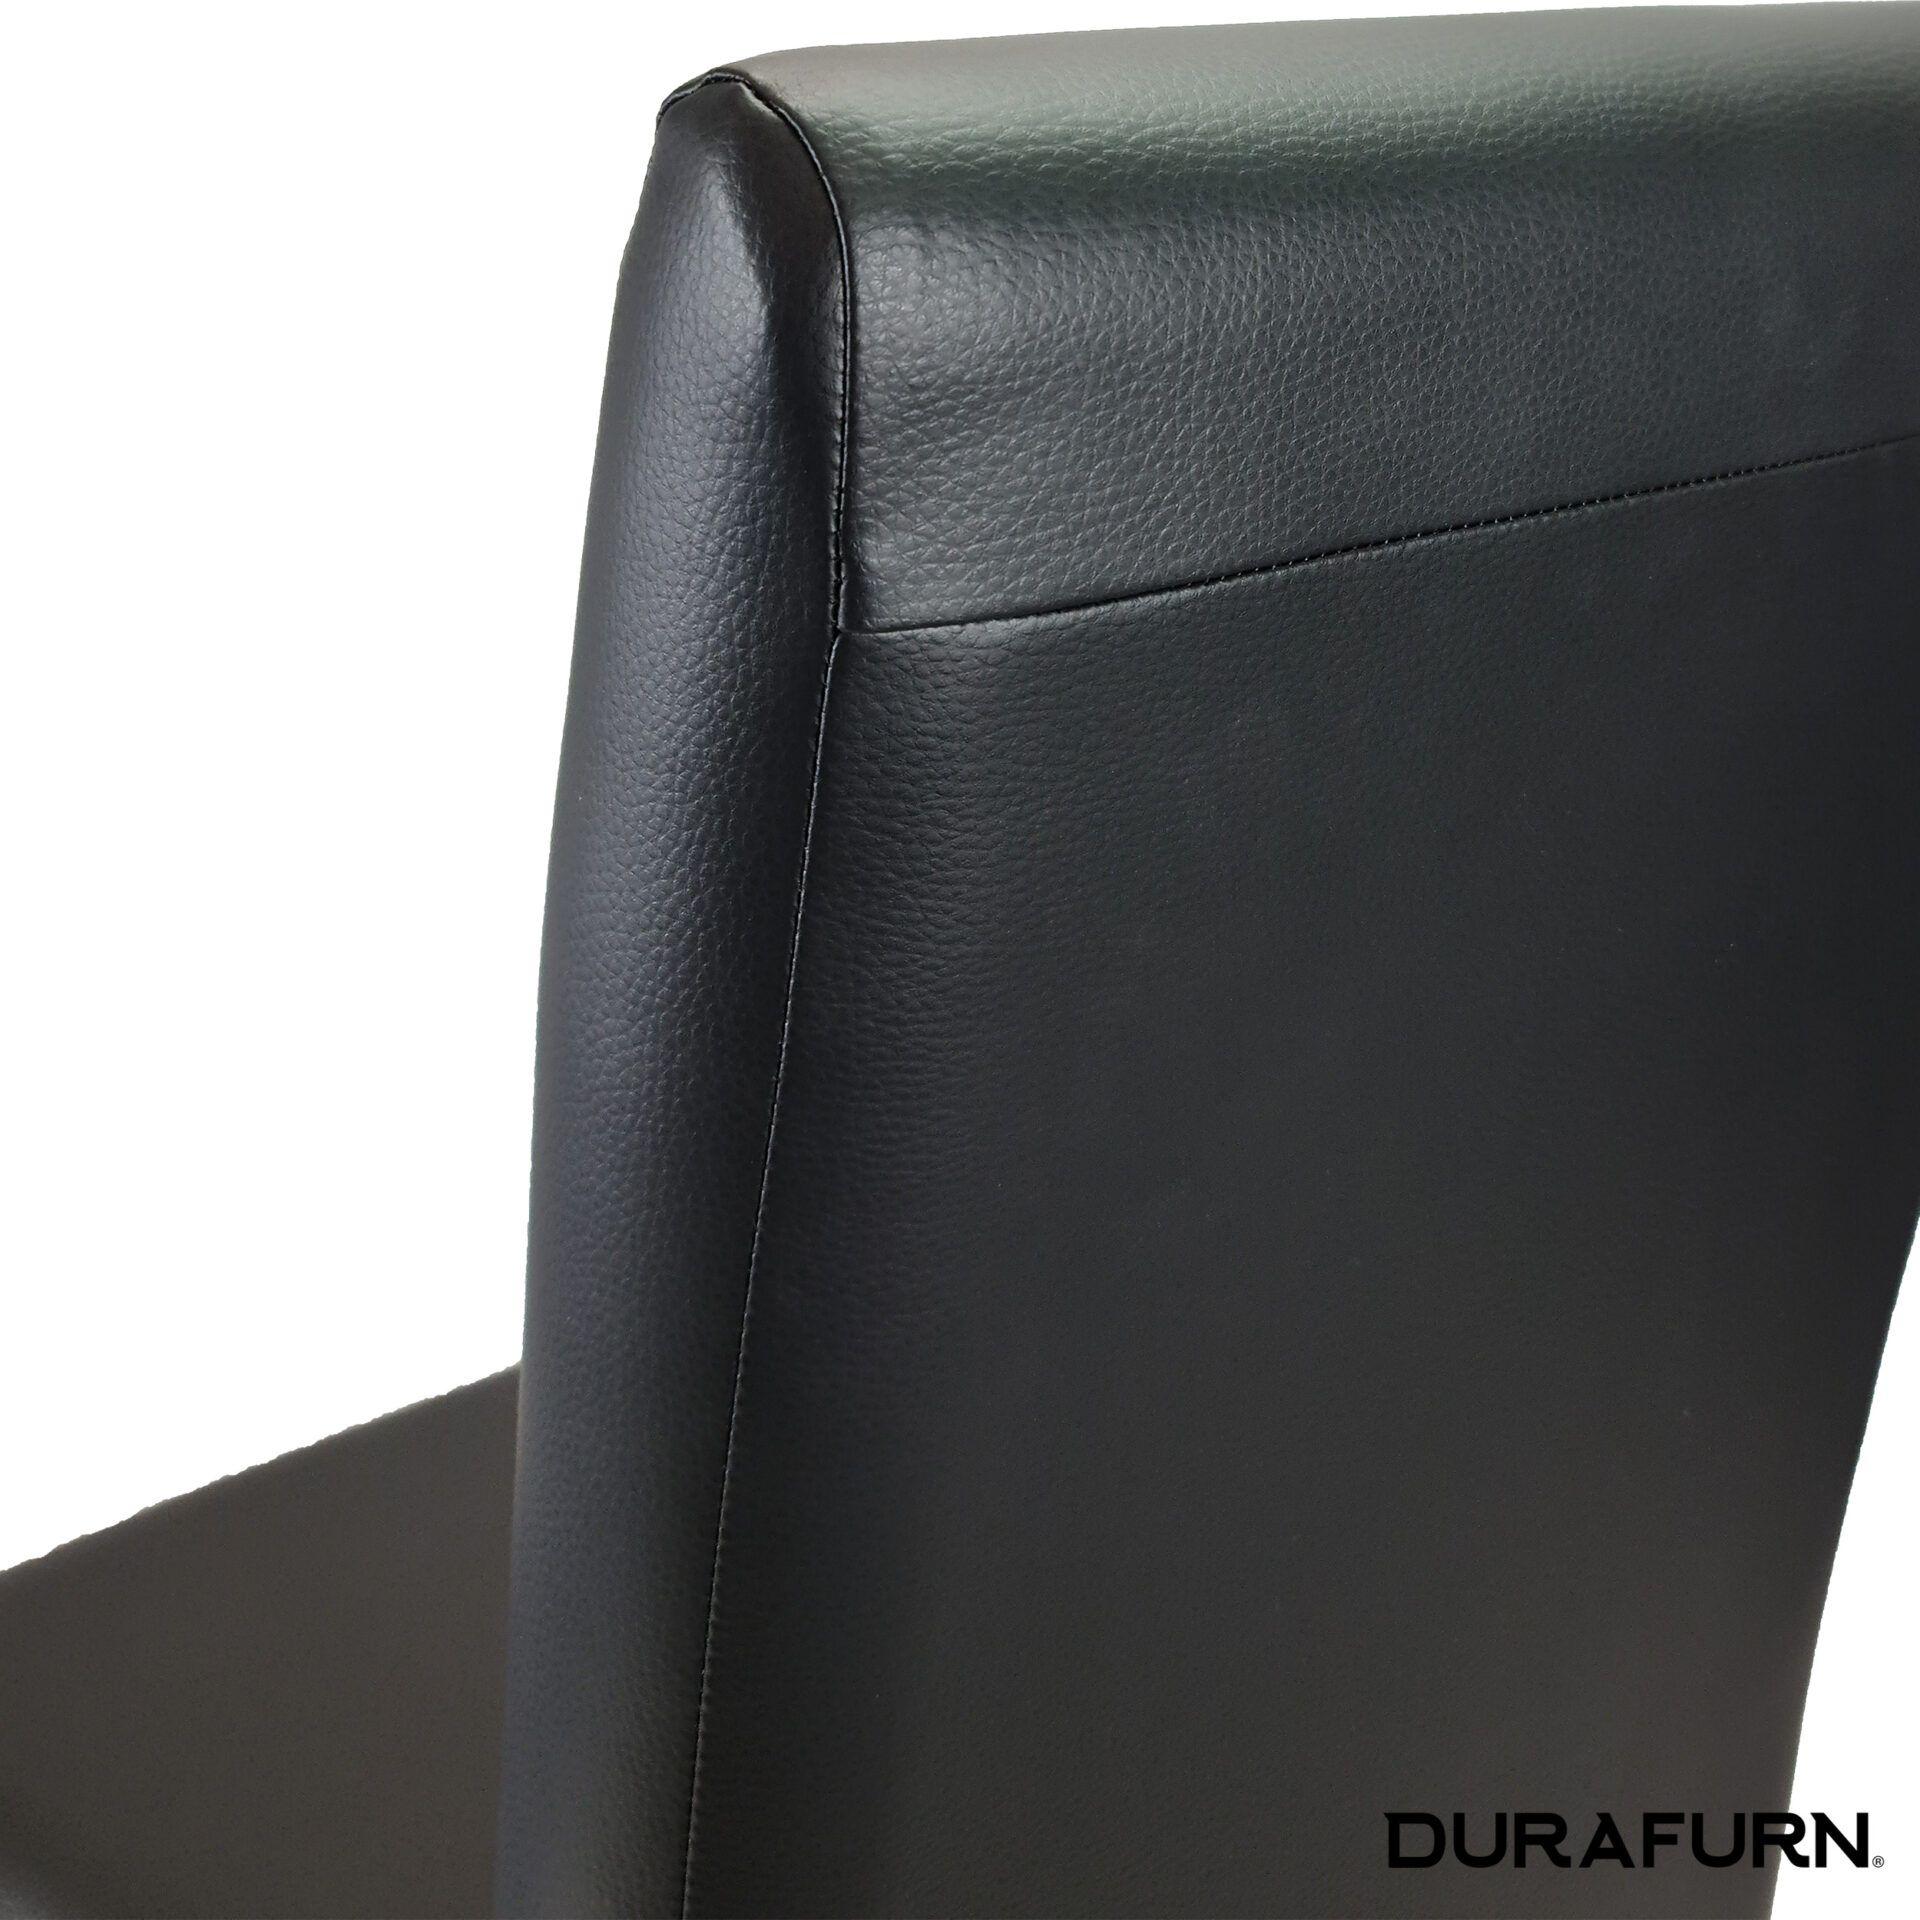 vettro chair detail 2